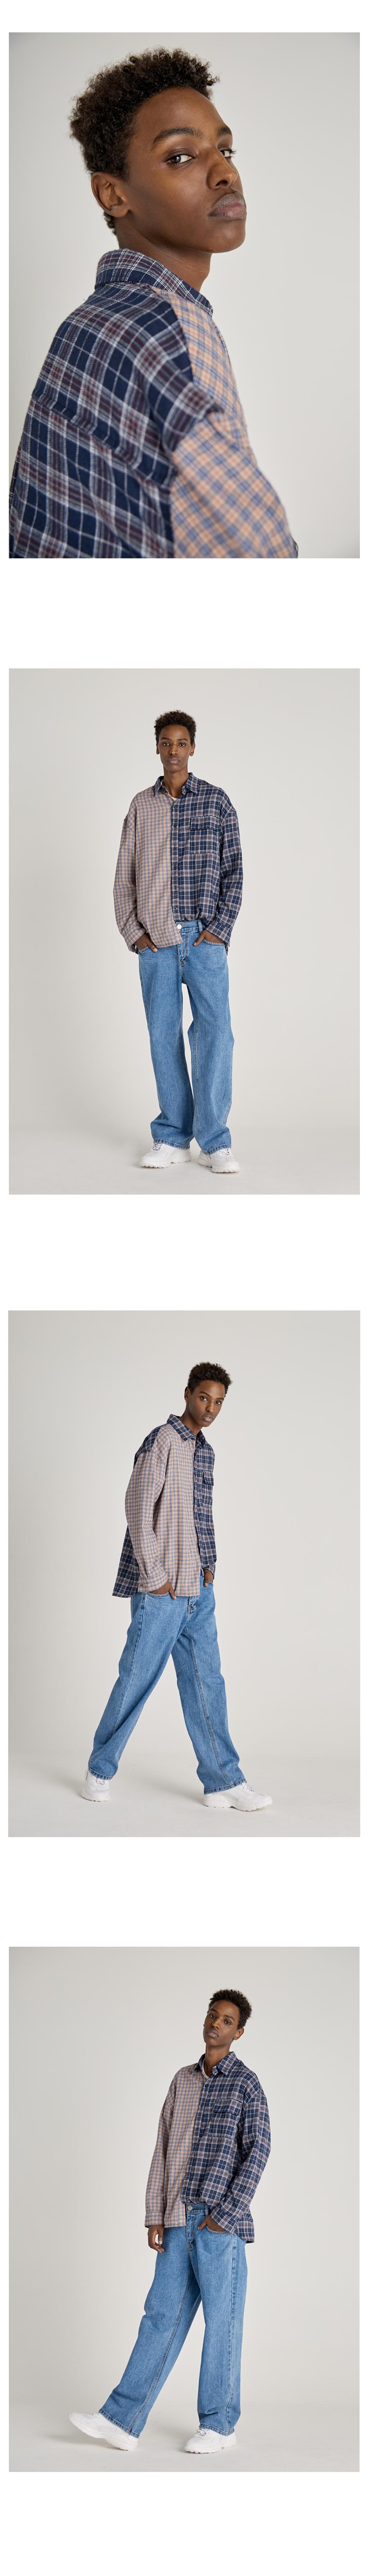 믹스체크셔츠(모델컷).jpg